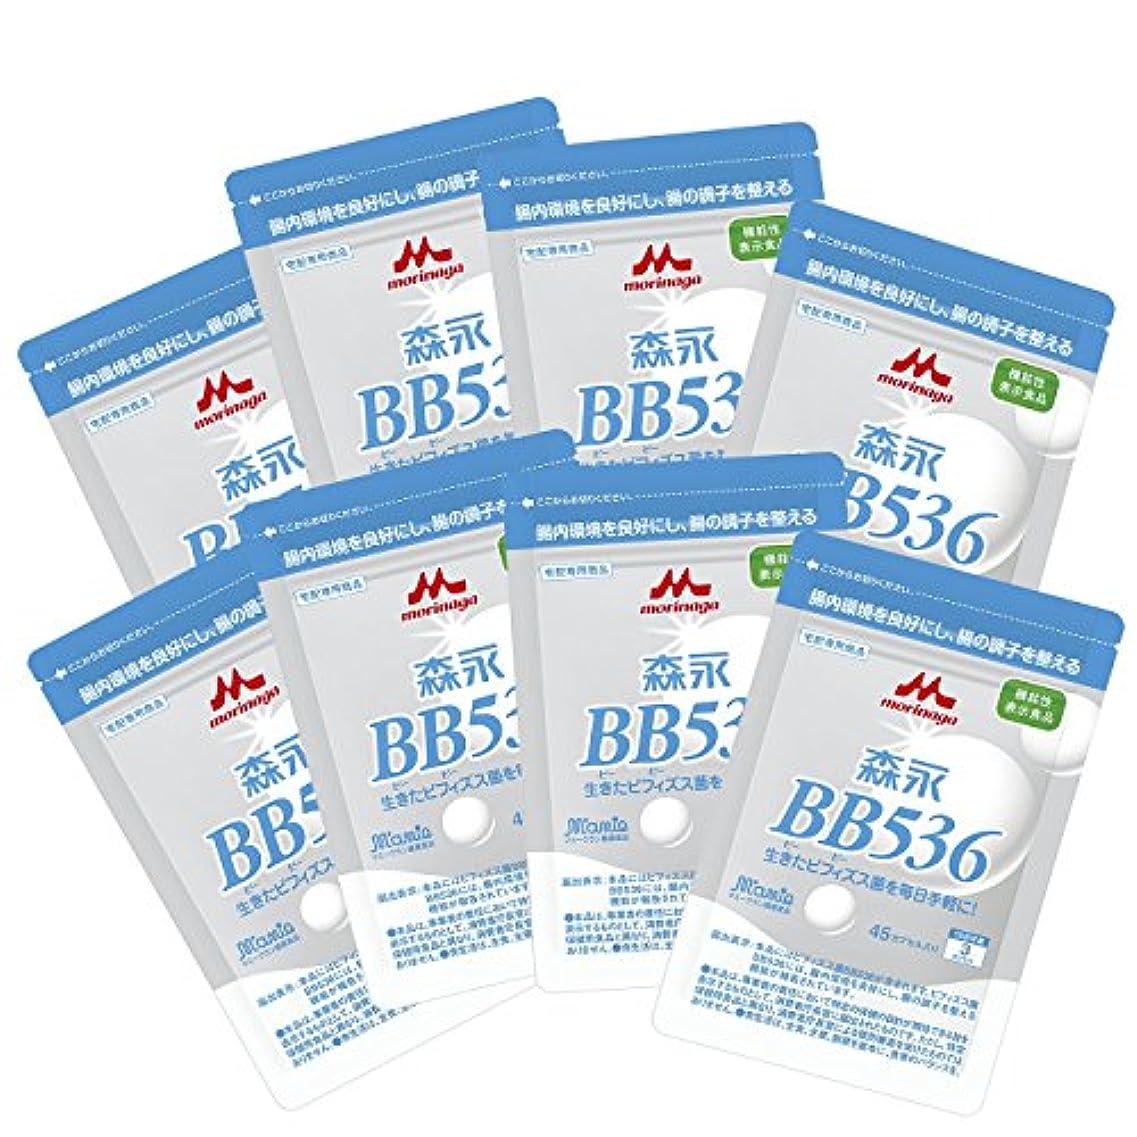 学習者繁栄する何もない森永BB536 45カプセル入り 新アルミパウチパッケージ! 8個セット(1日3カプセル×120日分)